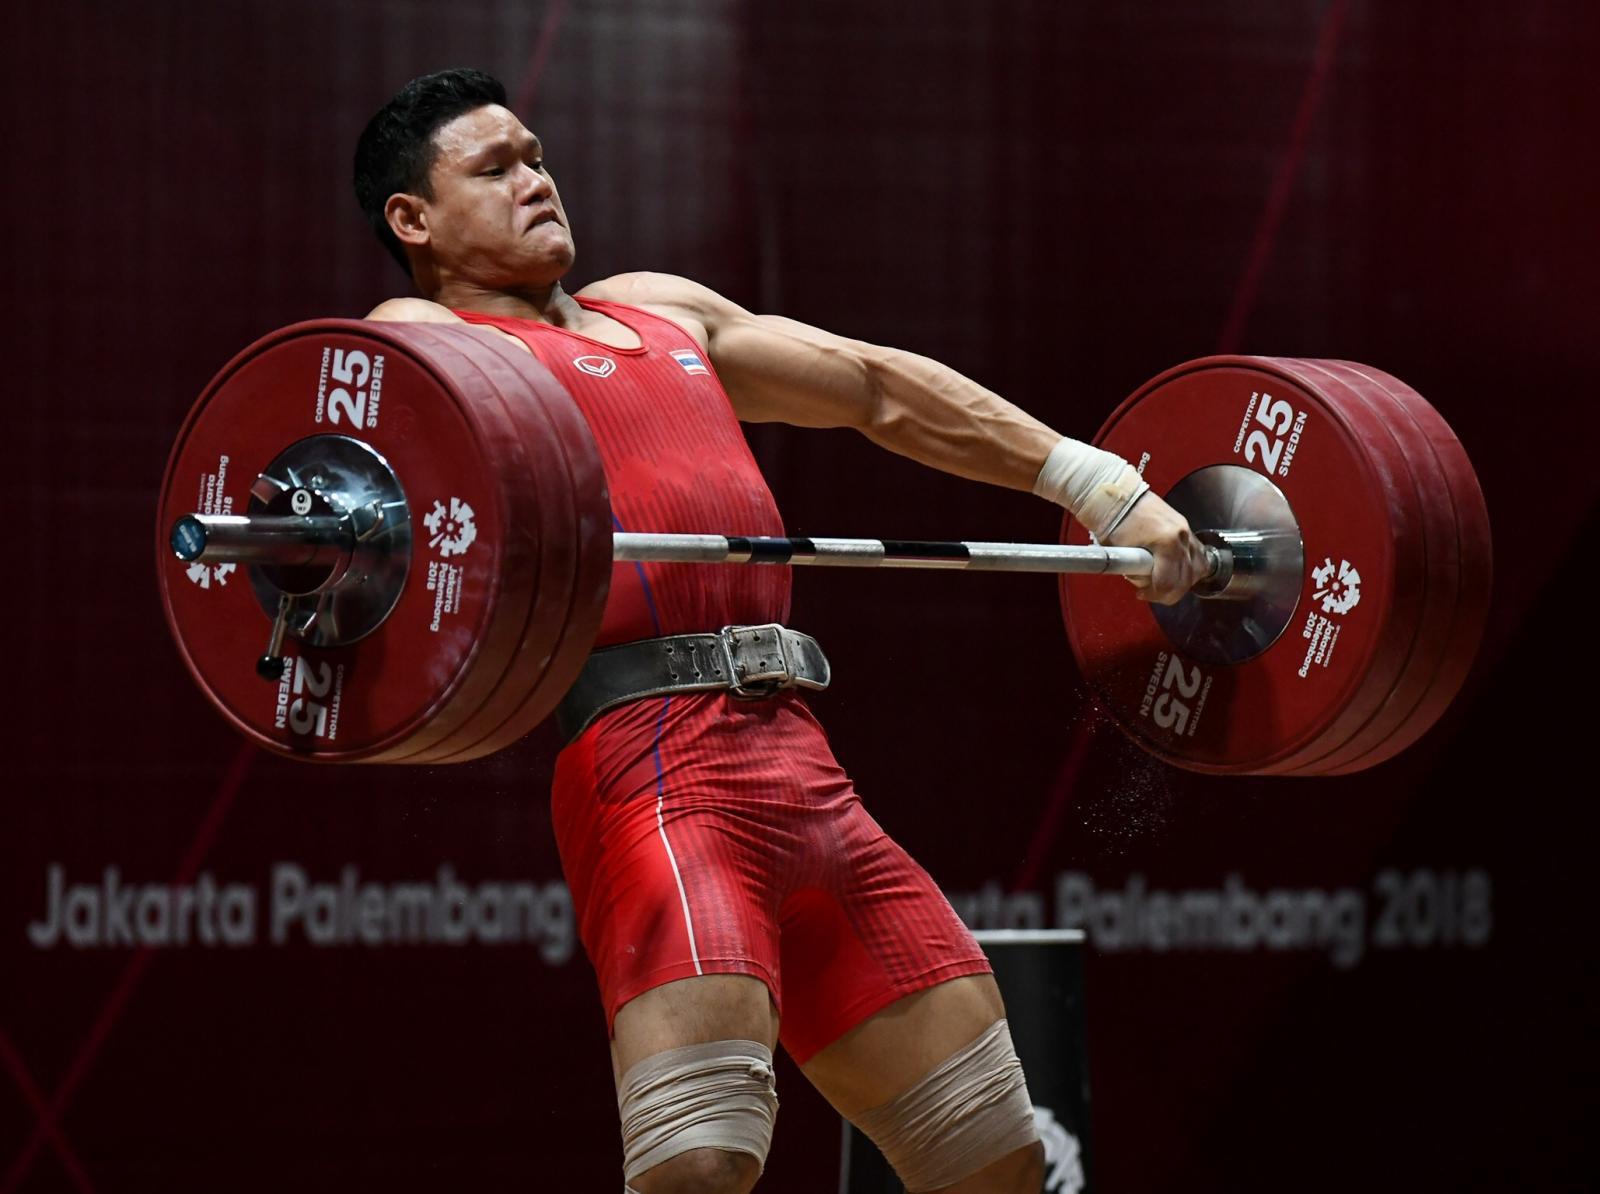 """""""ศรัท"""" โชว์พลังคว้าเหรียญทองแดง ยกน้ำหนักรุ่น 94 กก. ในเอเชียนเกมส์"""